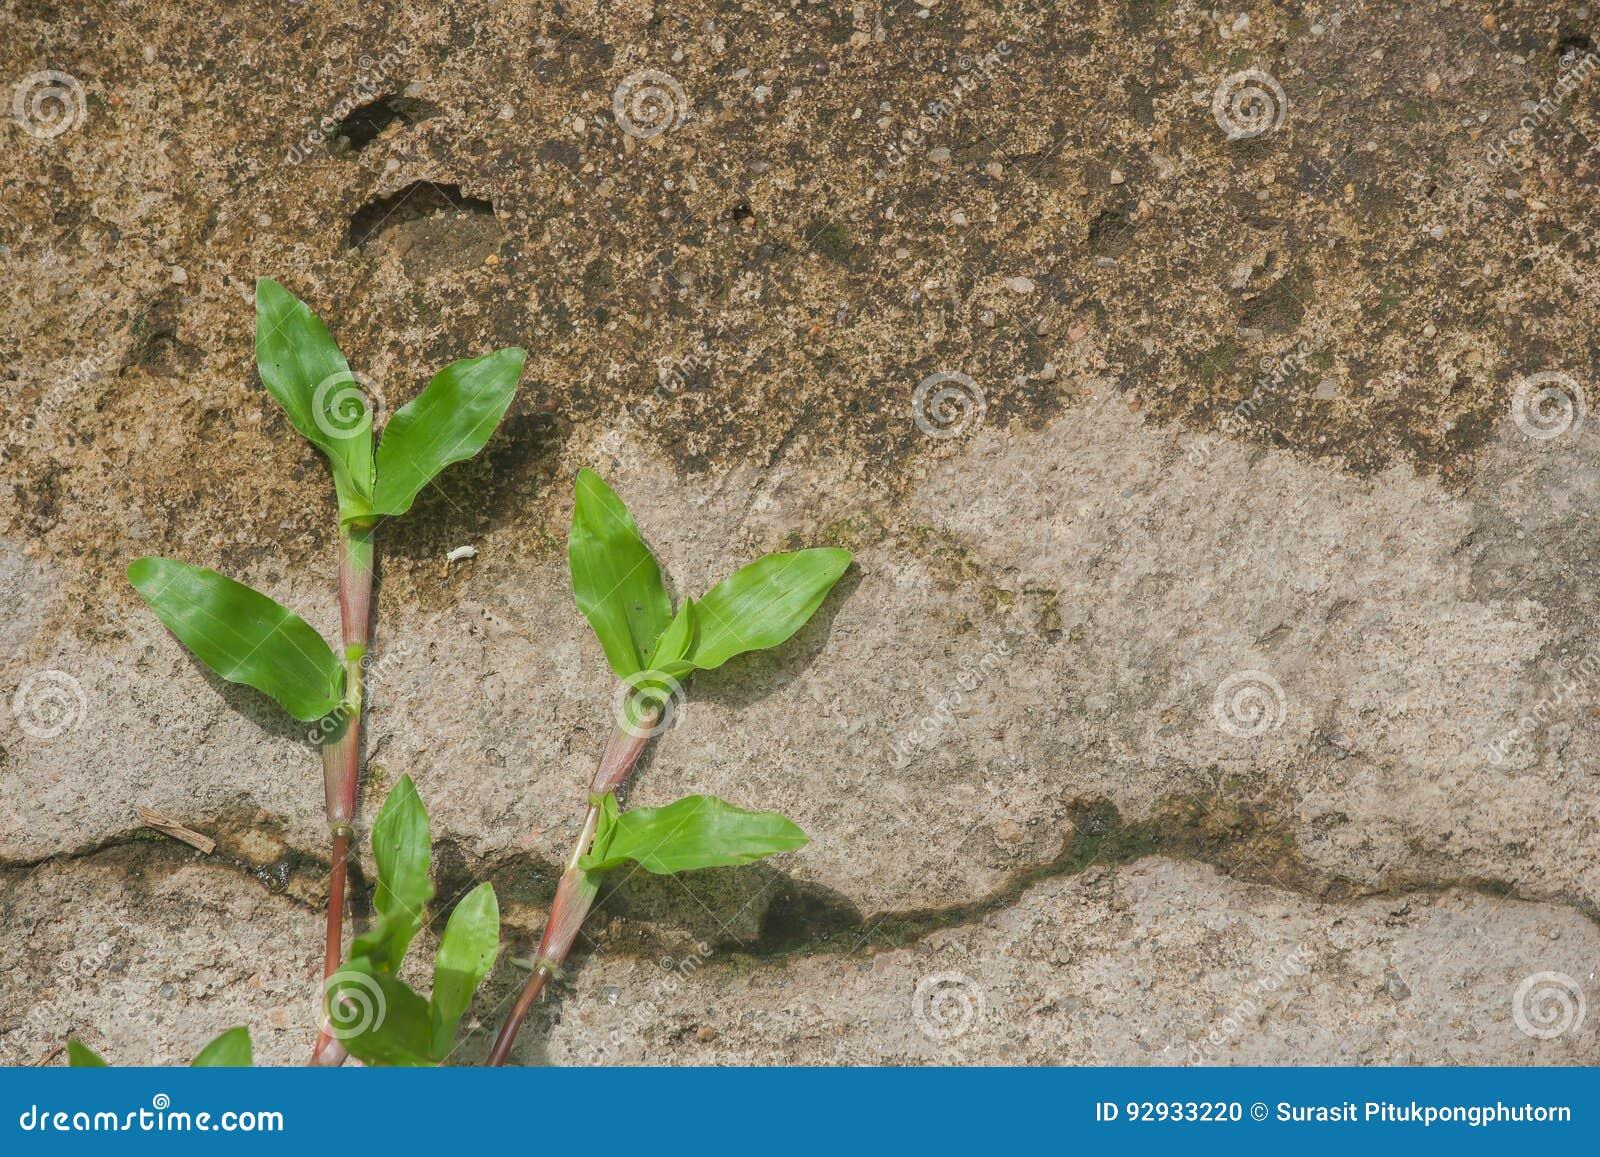 Rampement D Herbe Verte Sur Le Plancher En Beton Au Jardin